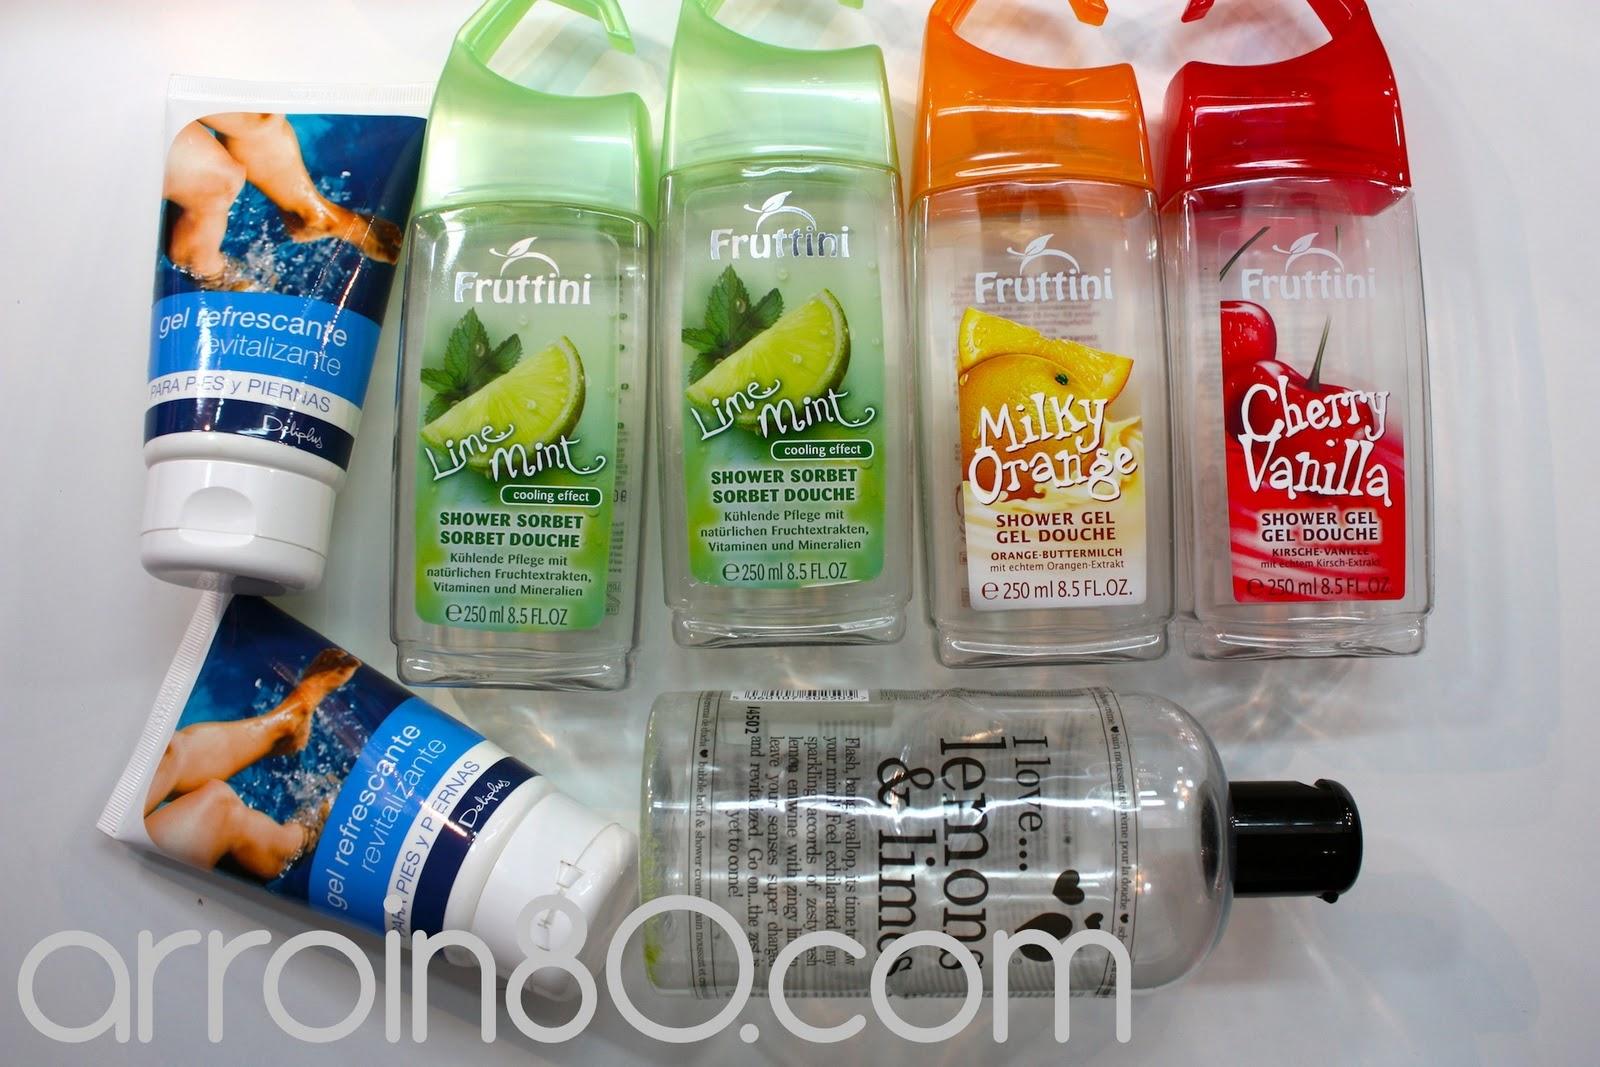 Arroin80 blog de belleza cosm tica y maquillaje for Productos limpieza coche mercadona